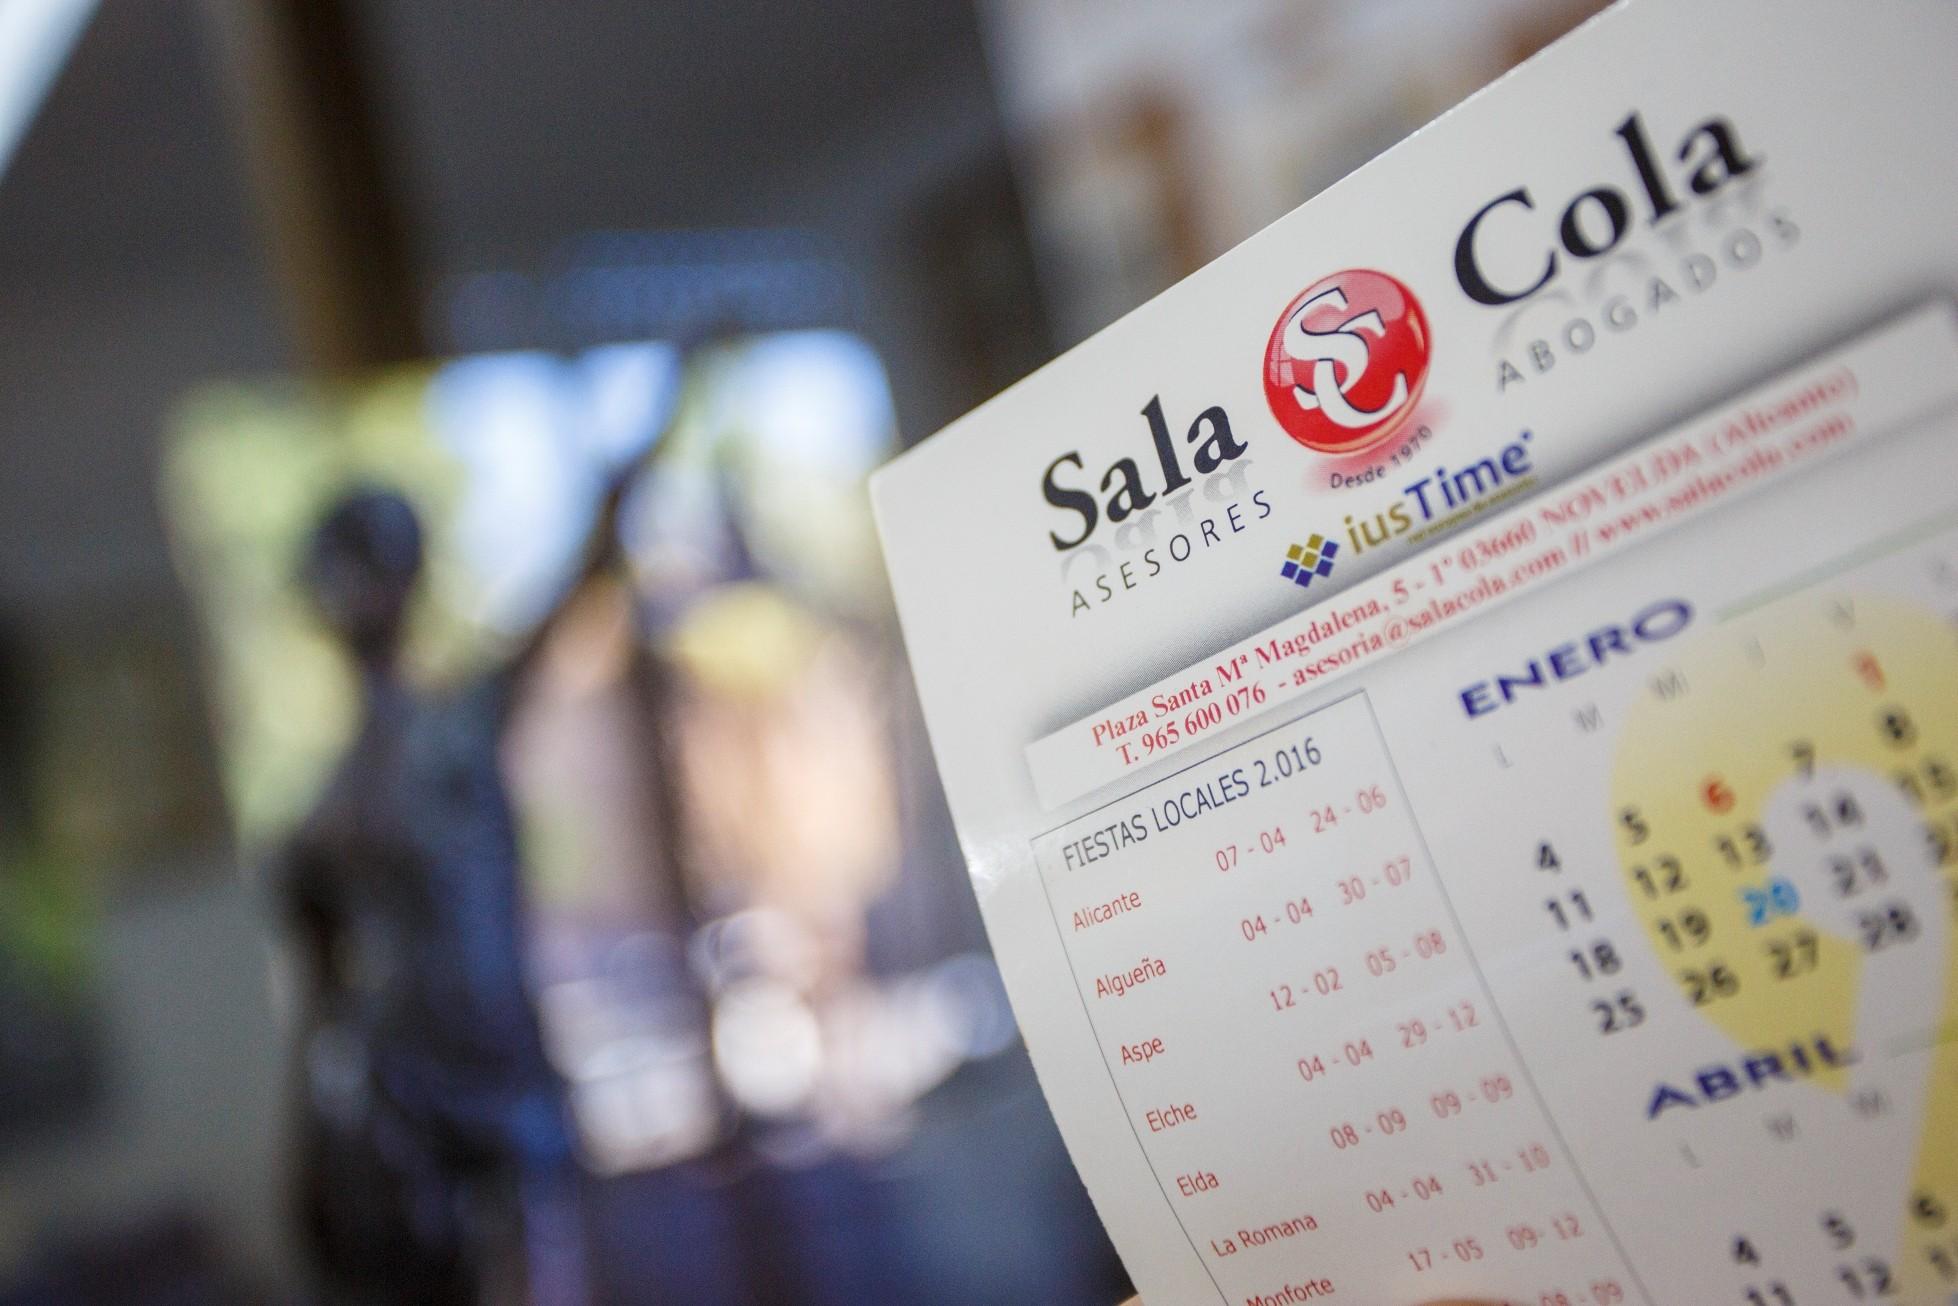 Calendario Laboral 2019 Comunitat Valenciana Boe Más Recientes El Calendario Laboral De 2019 – Sala Cola – Abogados Y asesores Of Calendario Laboral 2019 Comunitat Valenciana Boe Más Recientes Boe Documento Boe A 2017